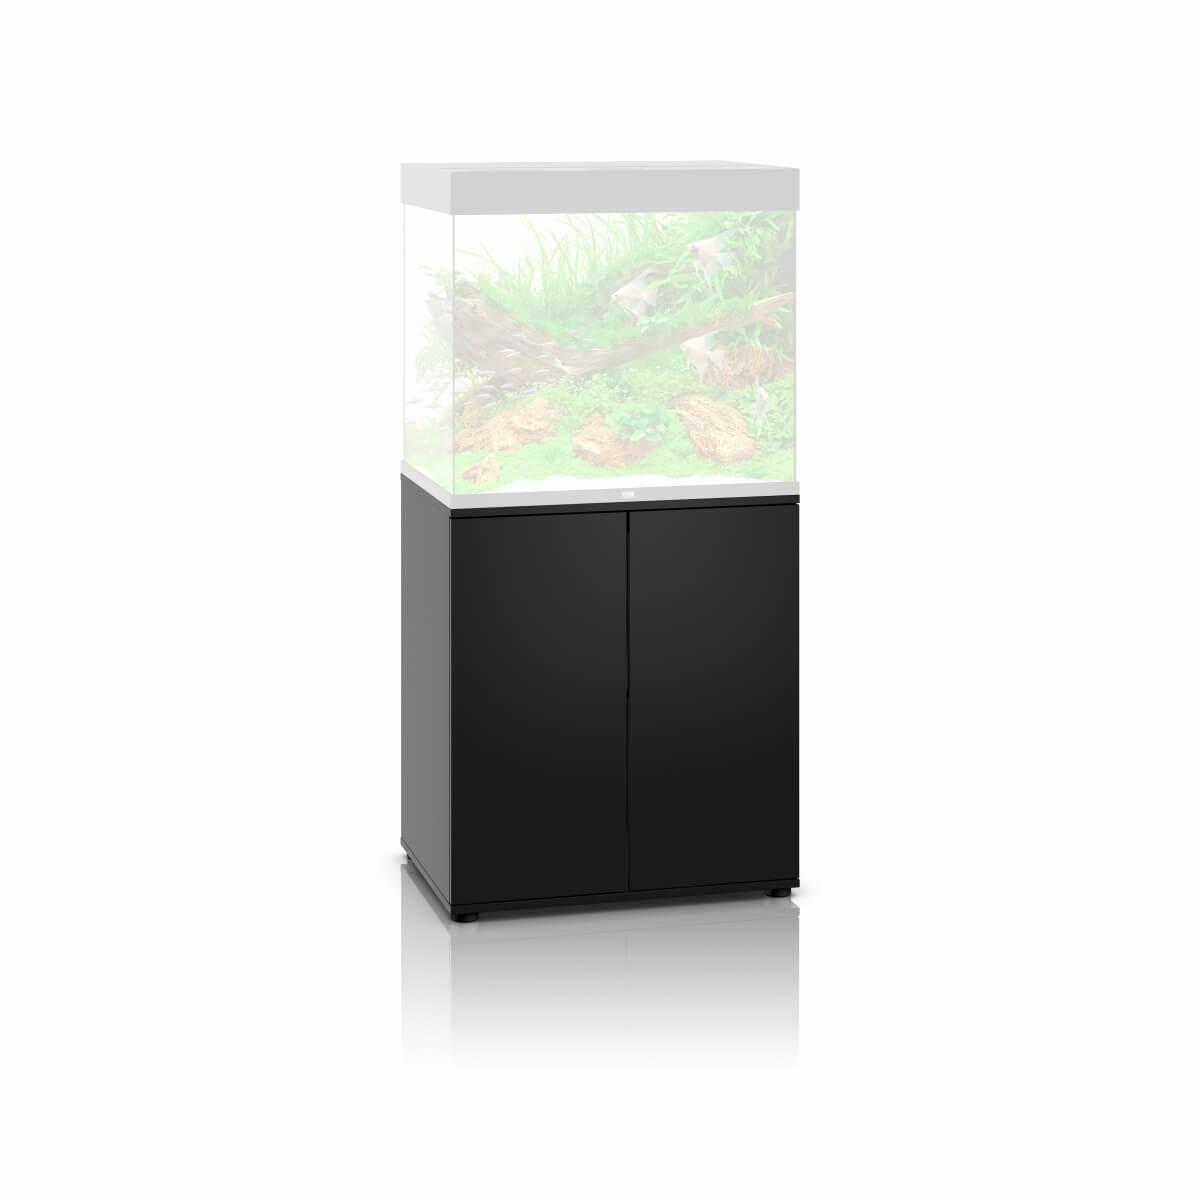 Juwel meuble sbx pour aquarium lido 200 noir aquarium et for Meuble aquarium